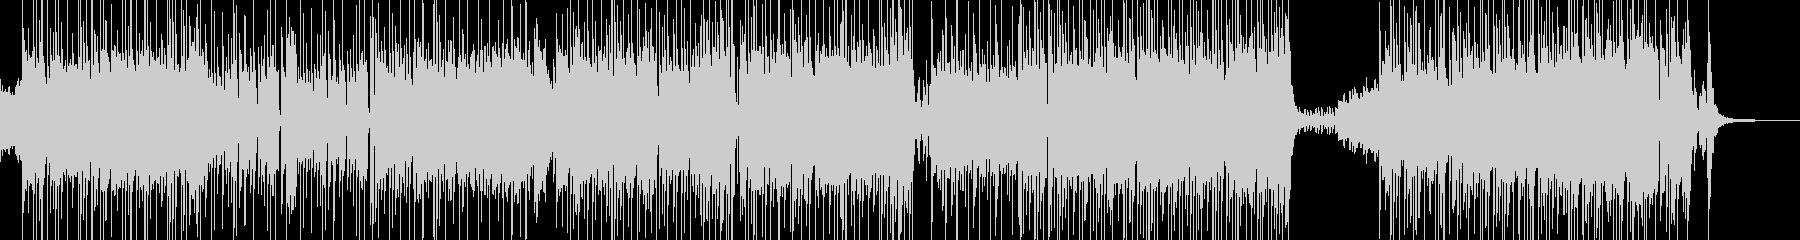 胸キュン・メルヘンな映像に 短尺★の未再生の波形